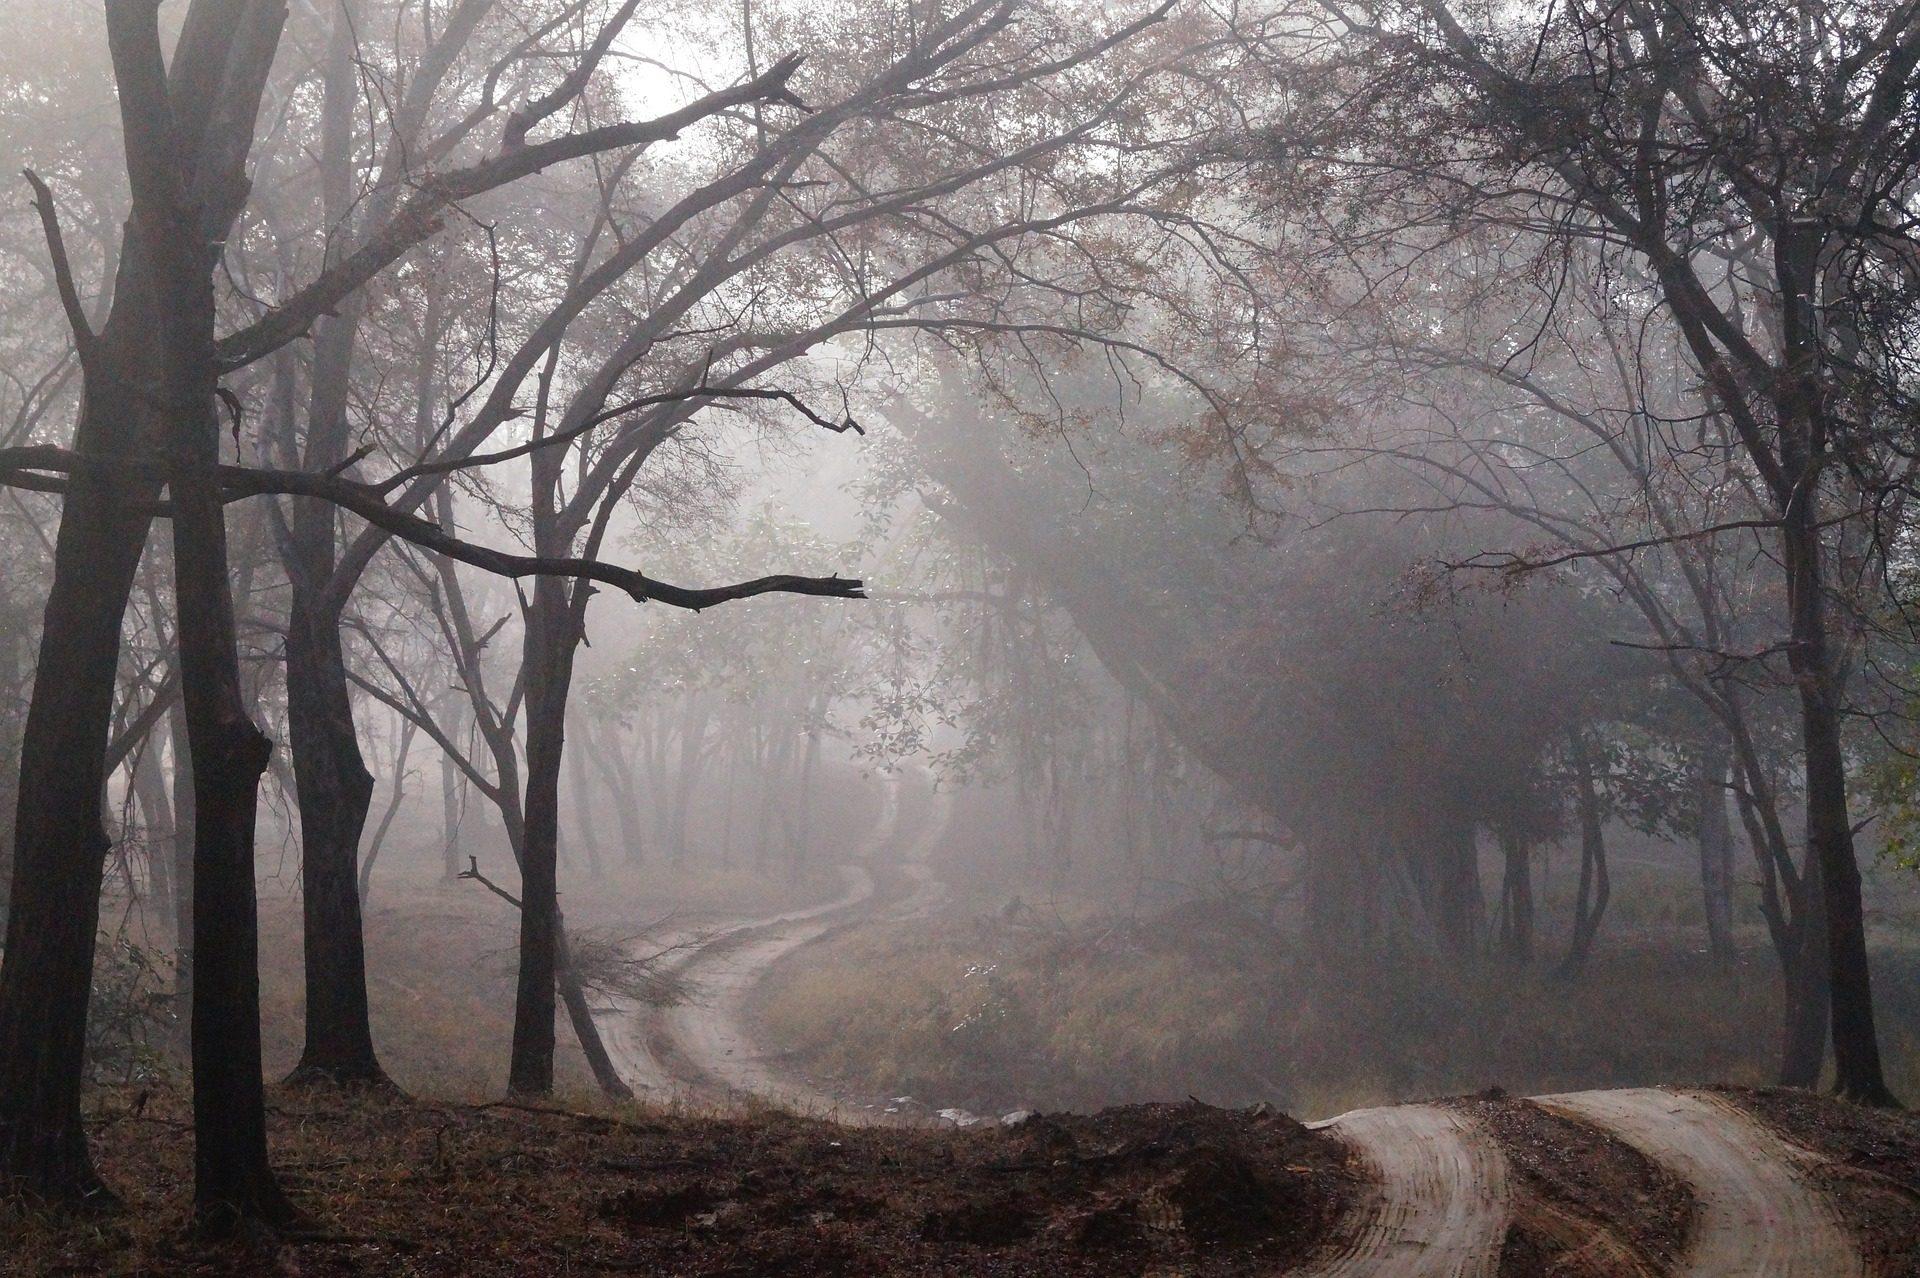 Estrada, floresta, sombrío, nevoeiro, árvores, Escuro - Papéis de parede HD - Professor-falken.com